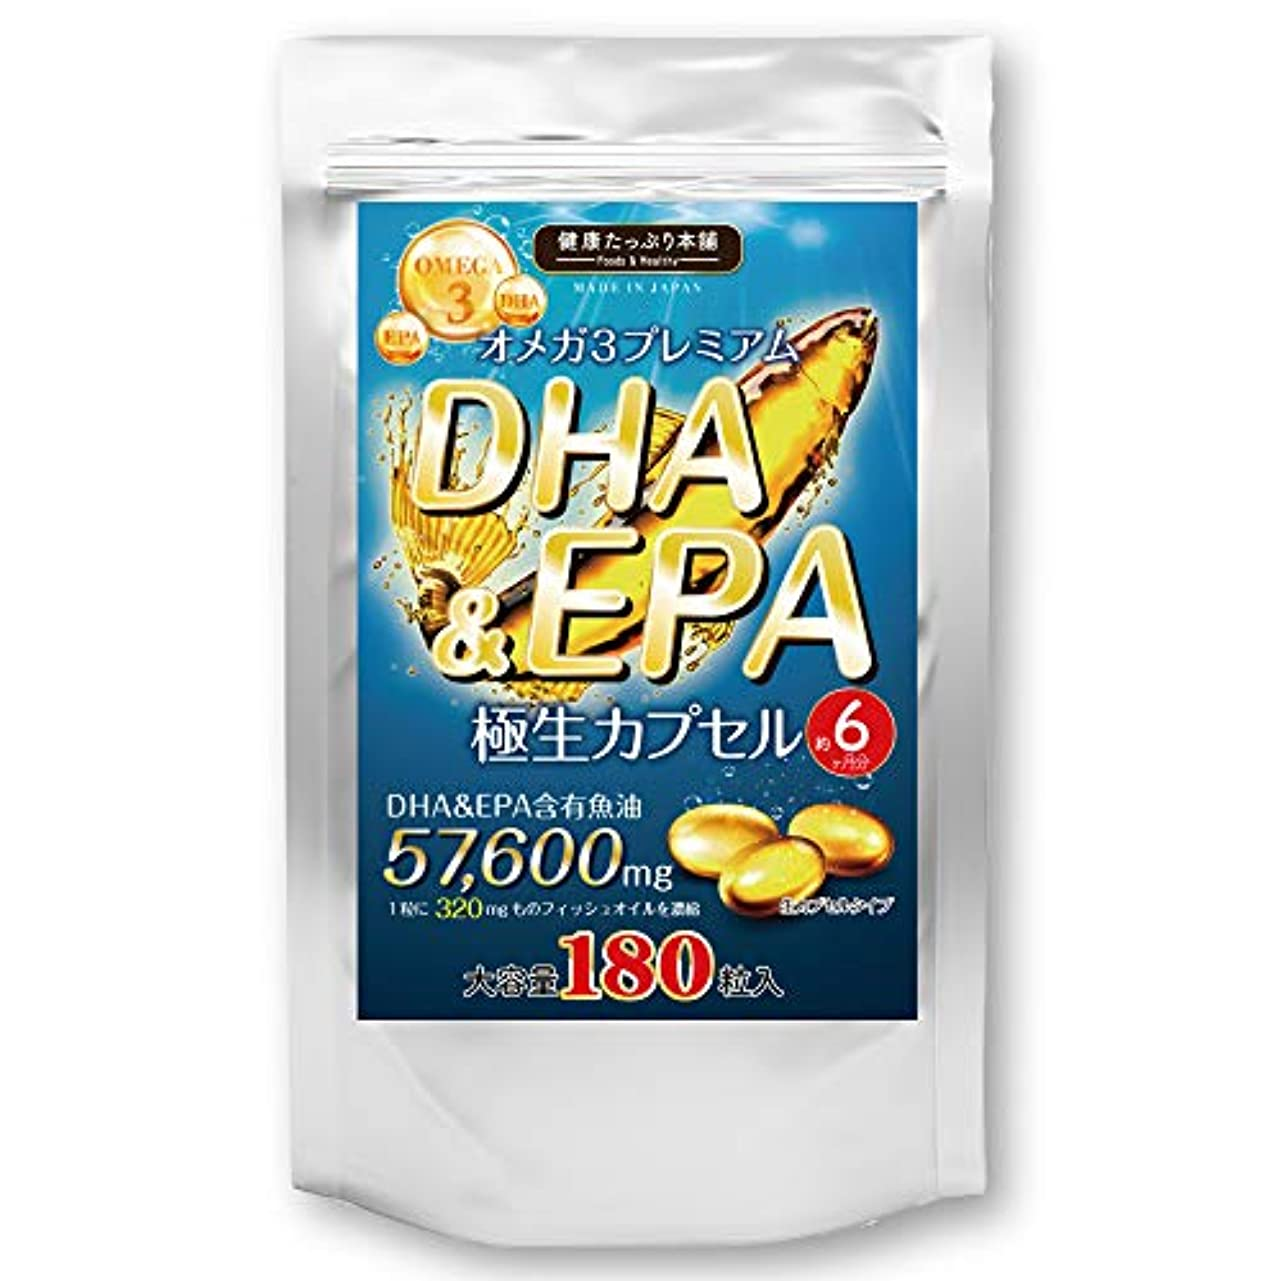 取り除くプラカードデッドオメガ3プレミアム DHA&EPA 極生ソフトカプセル 大容量約6ヶ月分/180粒(DHA含有魚油?EPA含有魚油)